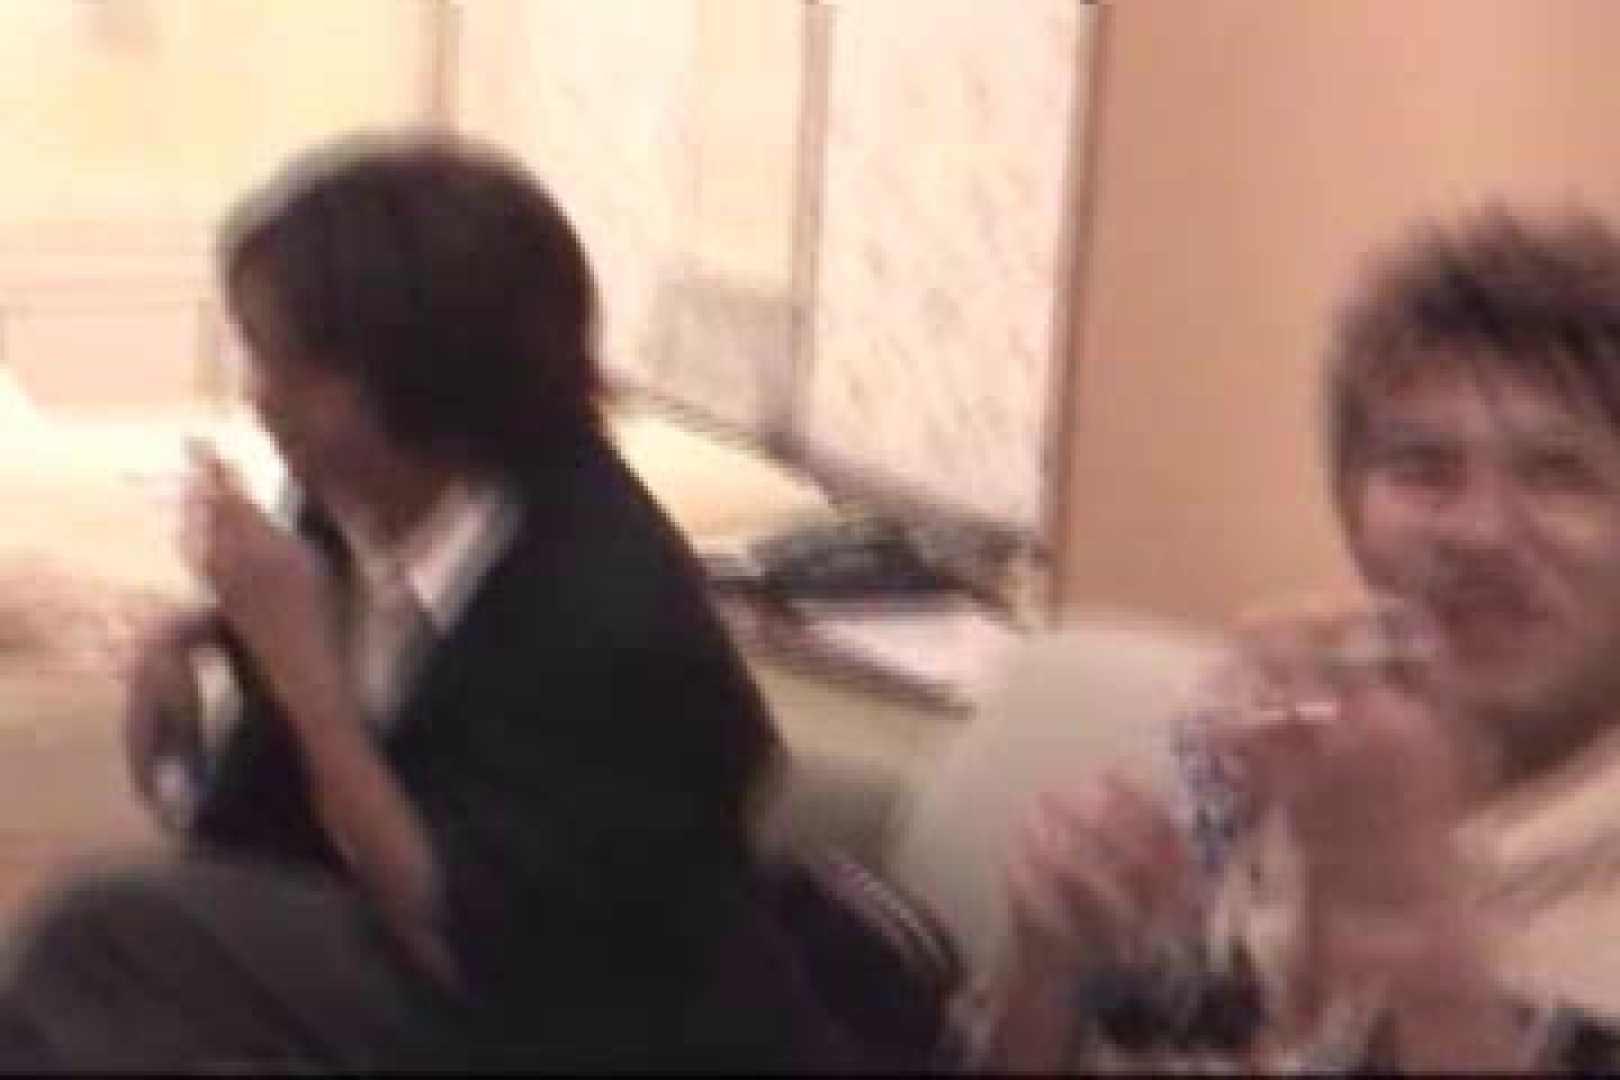 【流出】ジャニ系イケメン!!フライング&アナルが痛くて出来ません!! 茶髪 亀頭もろ画像 72枚 41